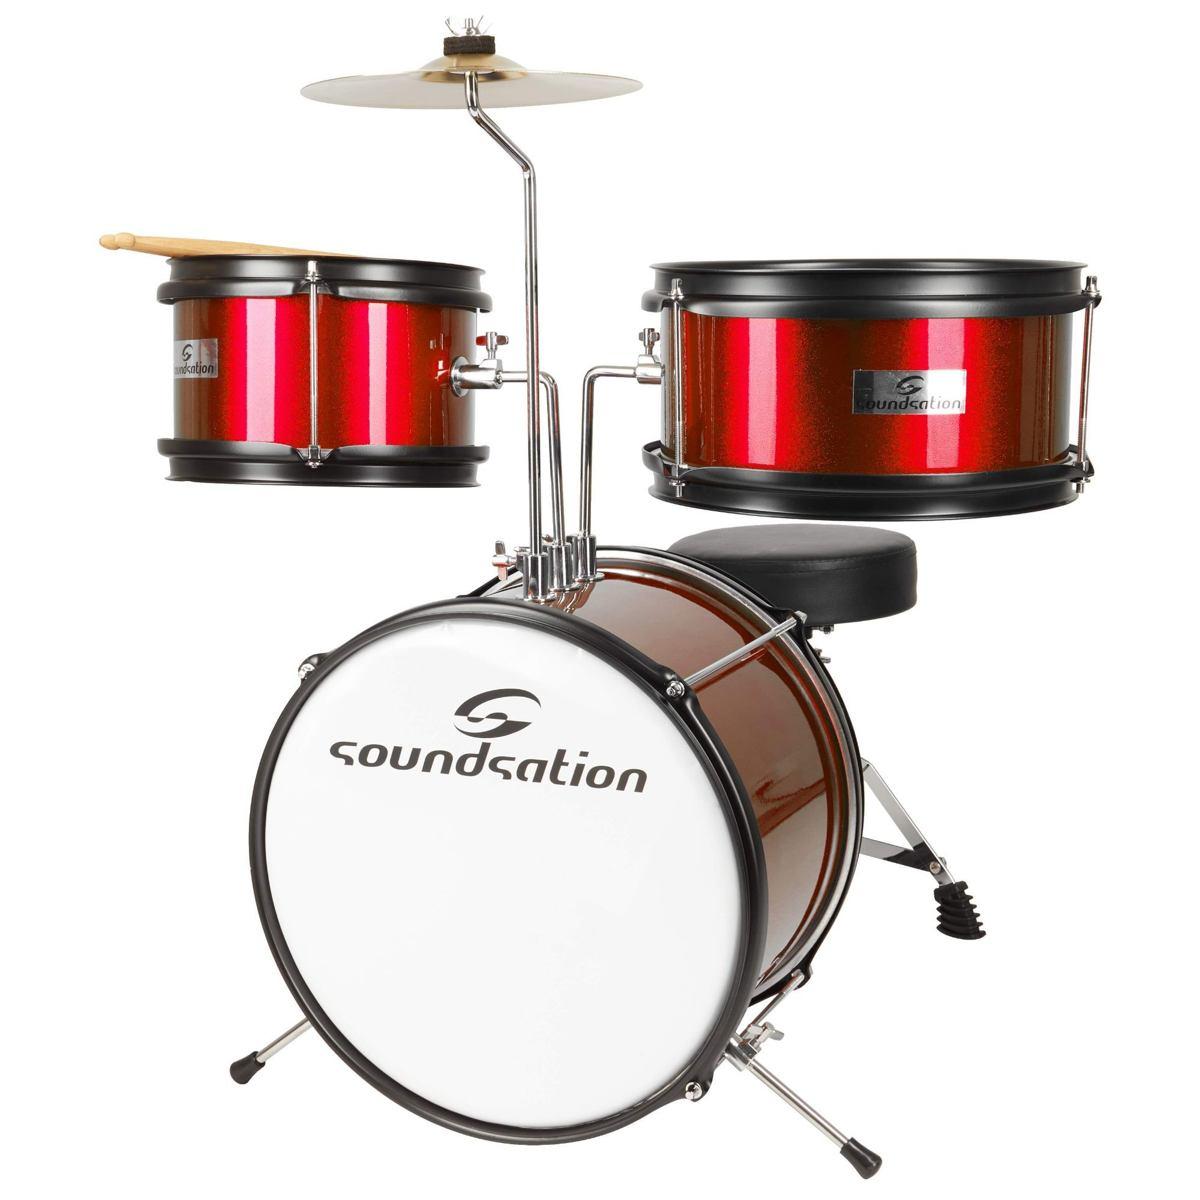 Soundsation JDK313 Barva: červená